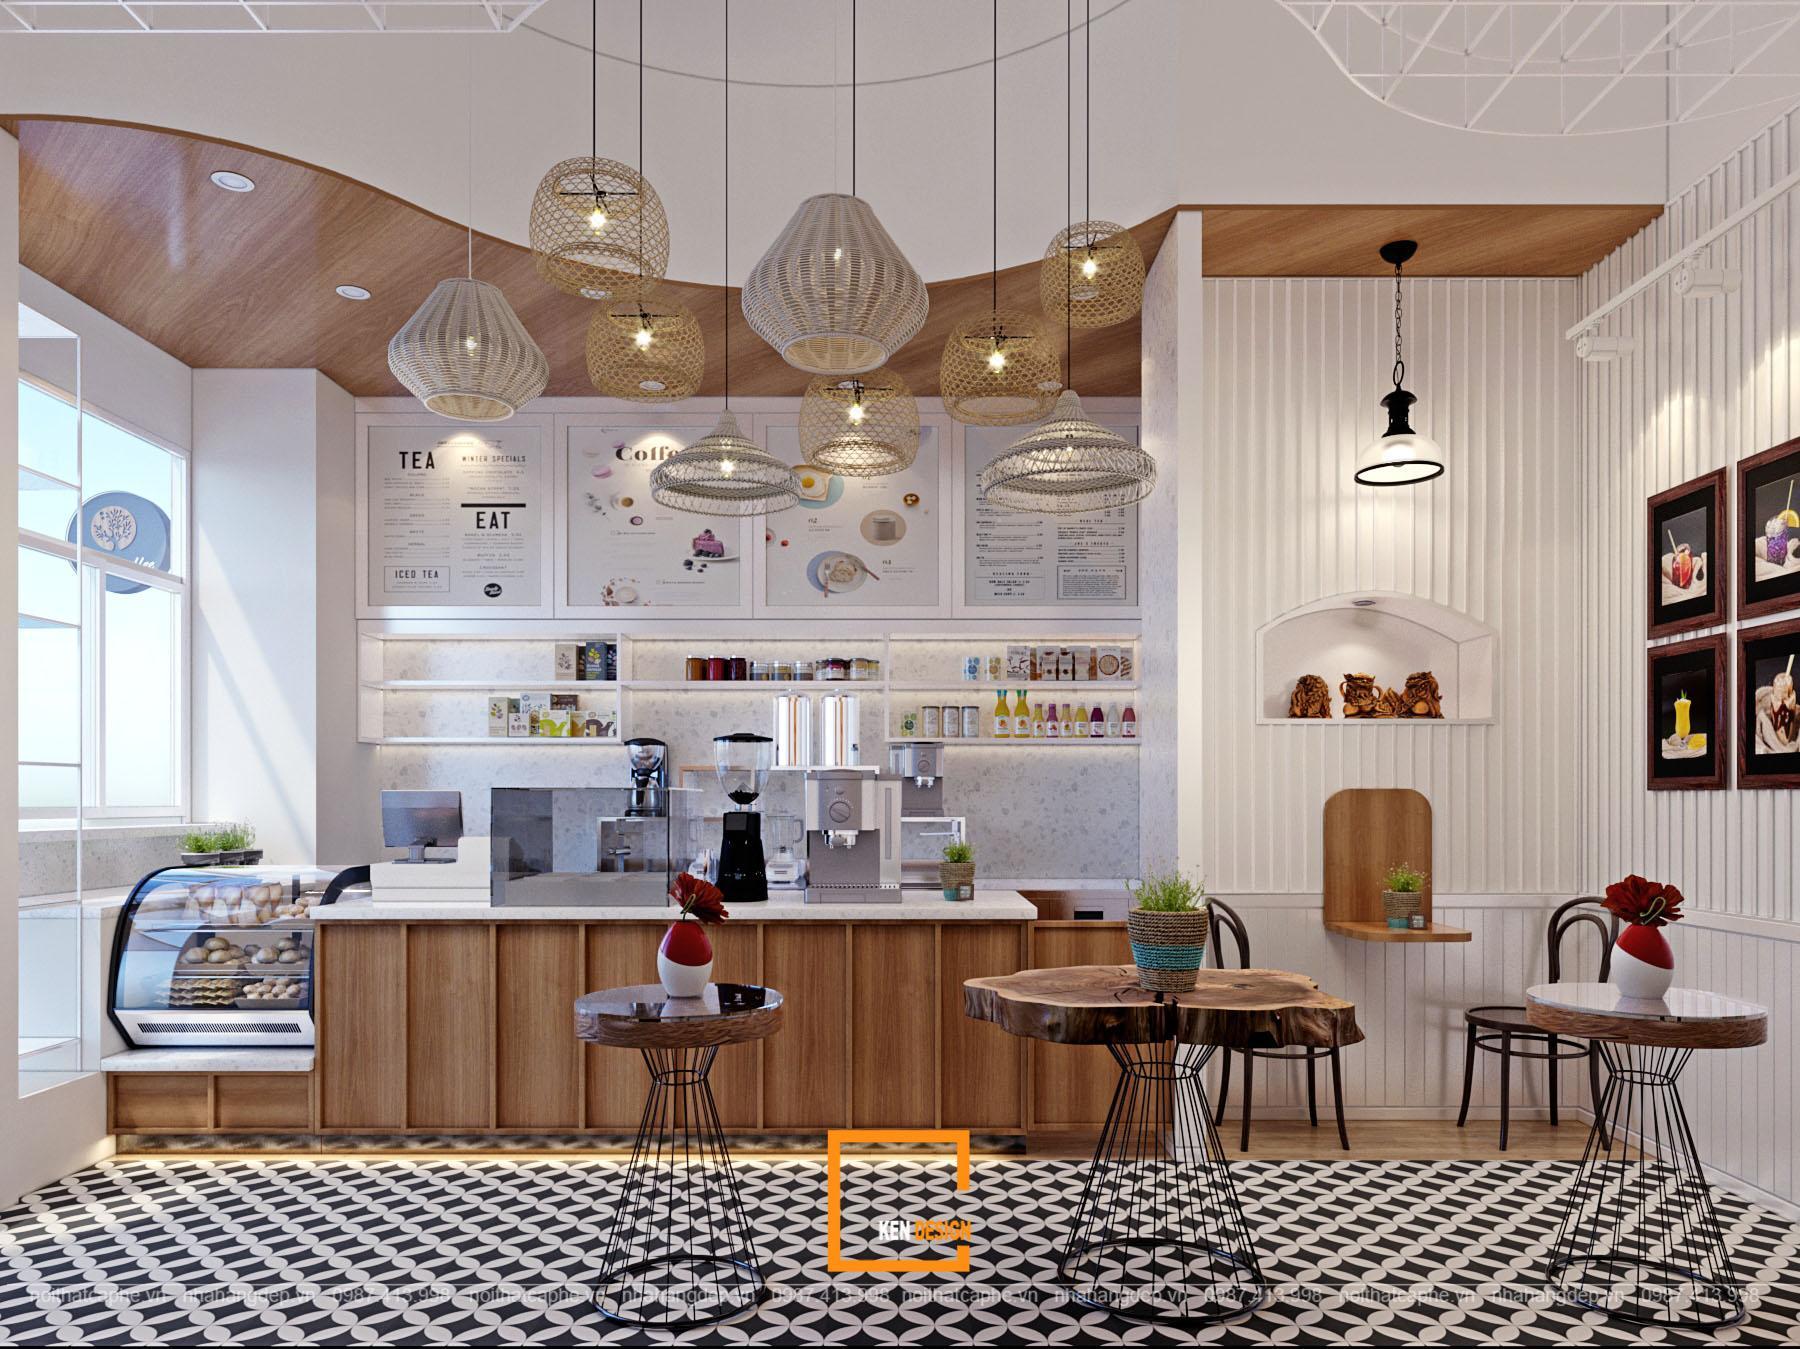 Thiết kế quán trà sữa Mild Coffee & Tea tại Hungary